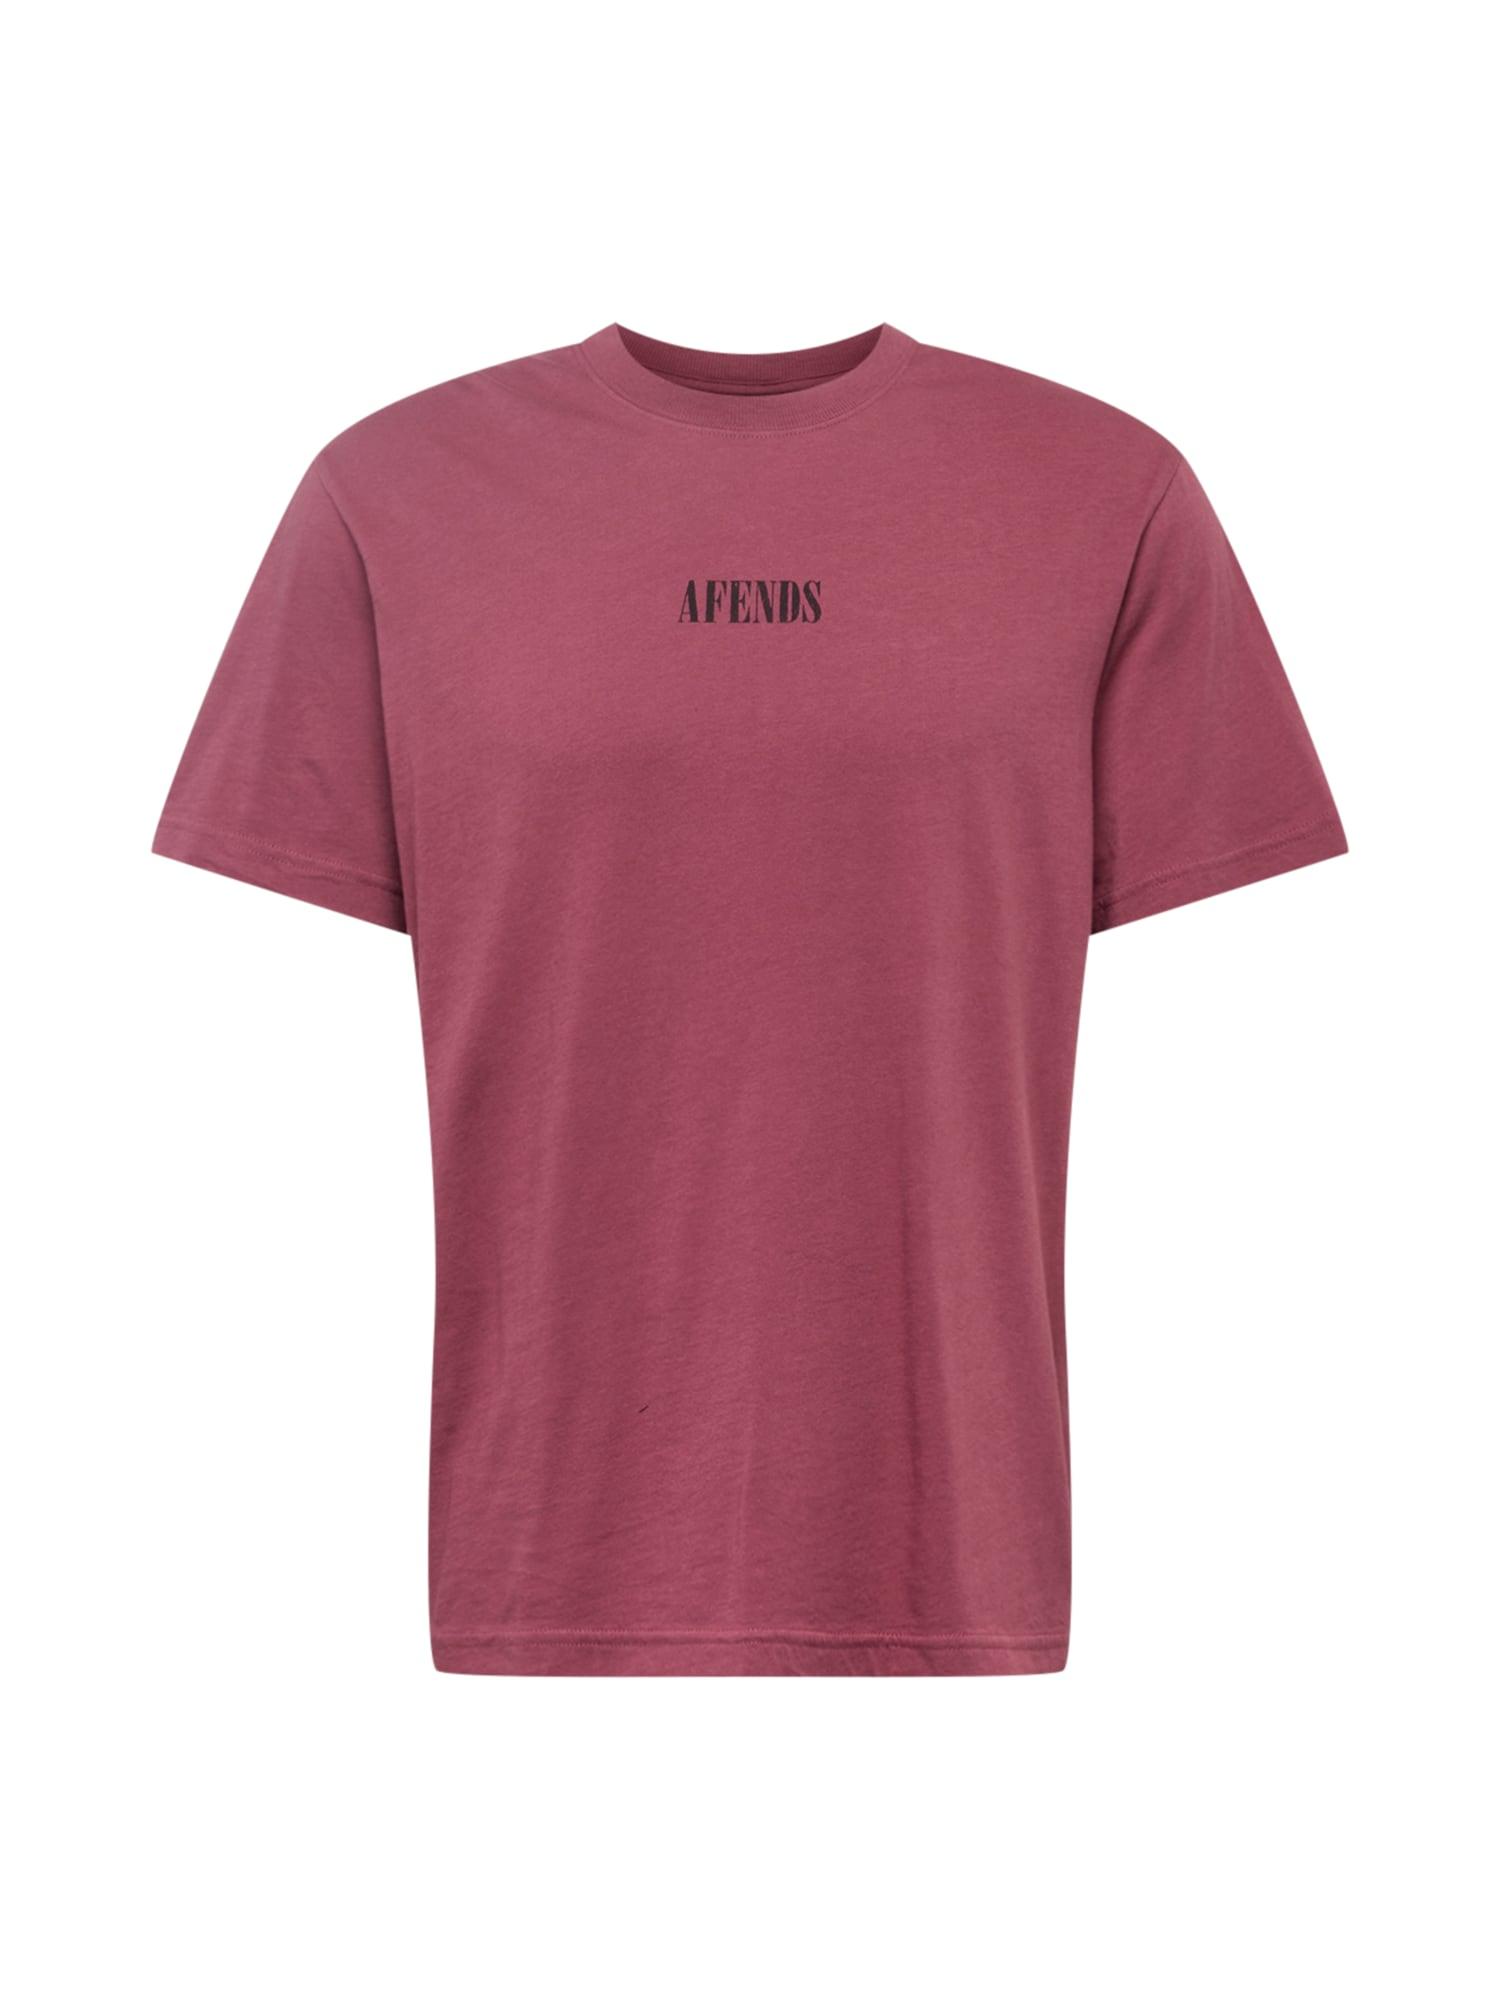 Afends Marškinėliai pastelinė raudona / juoda